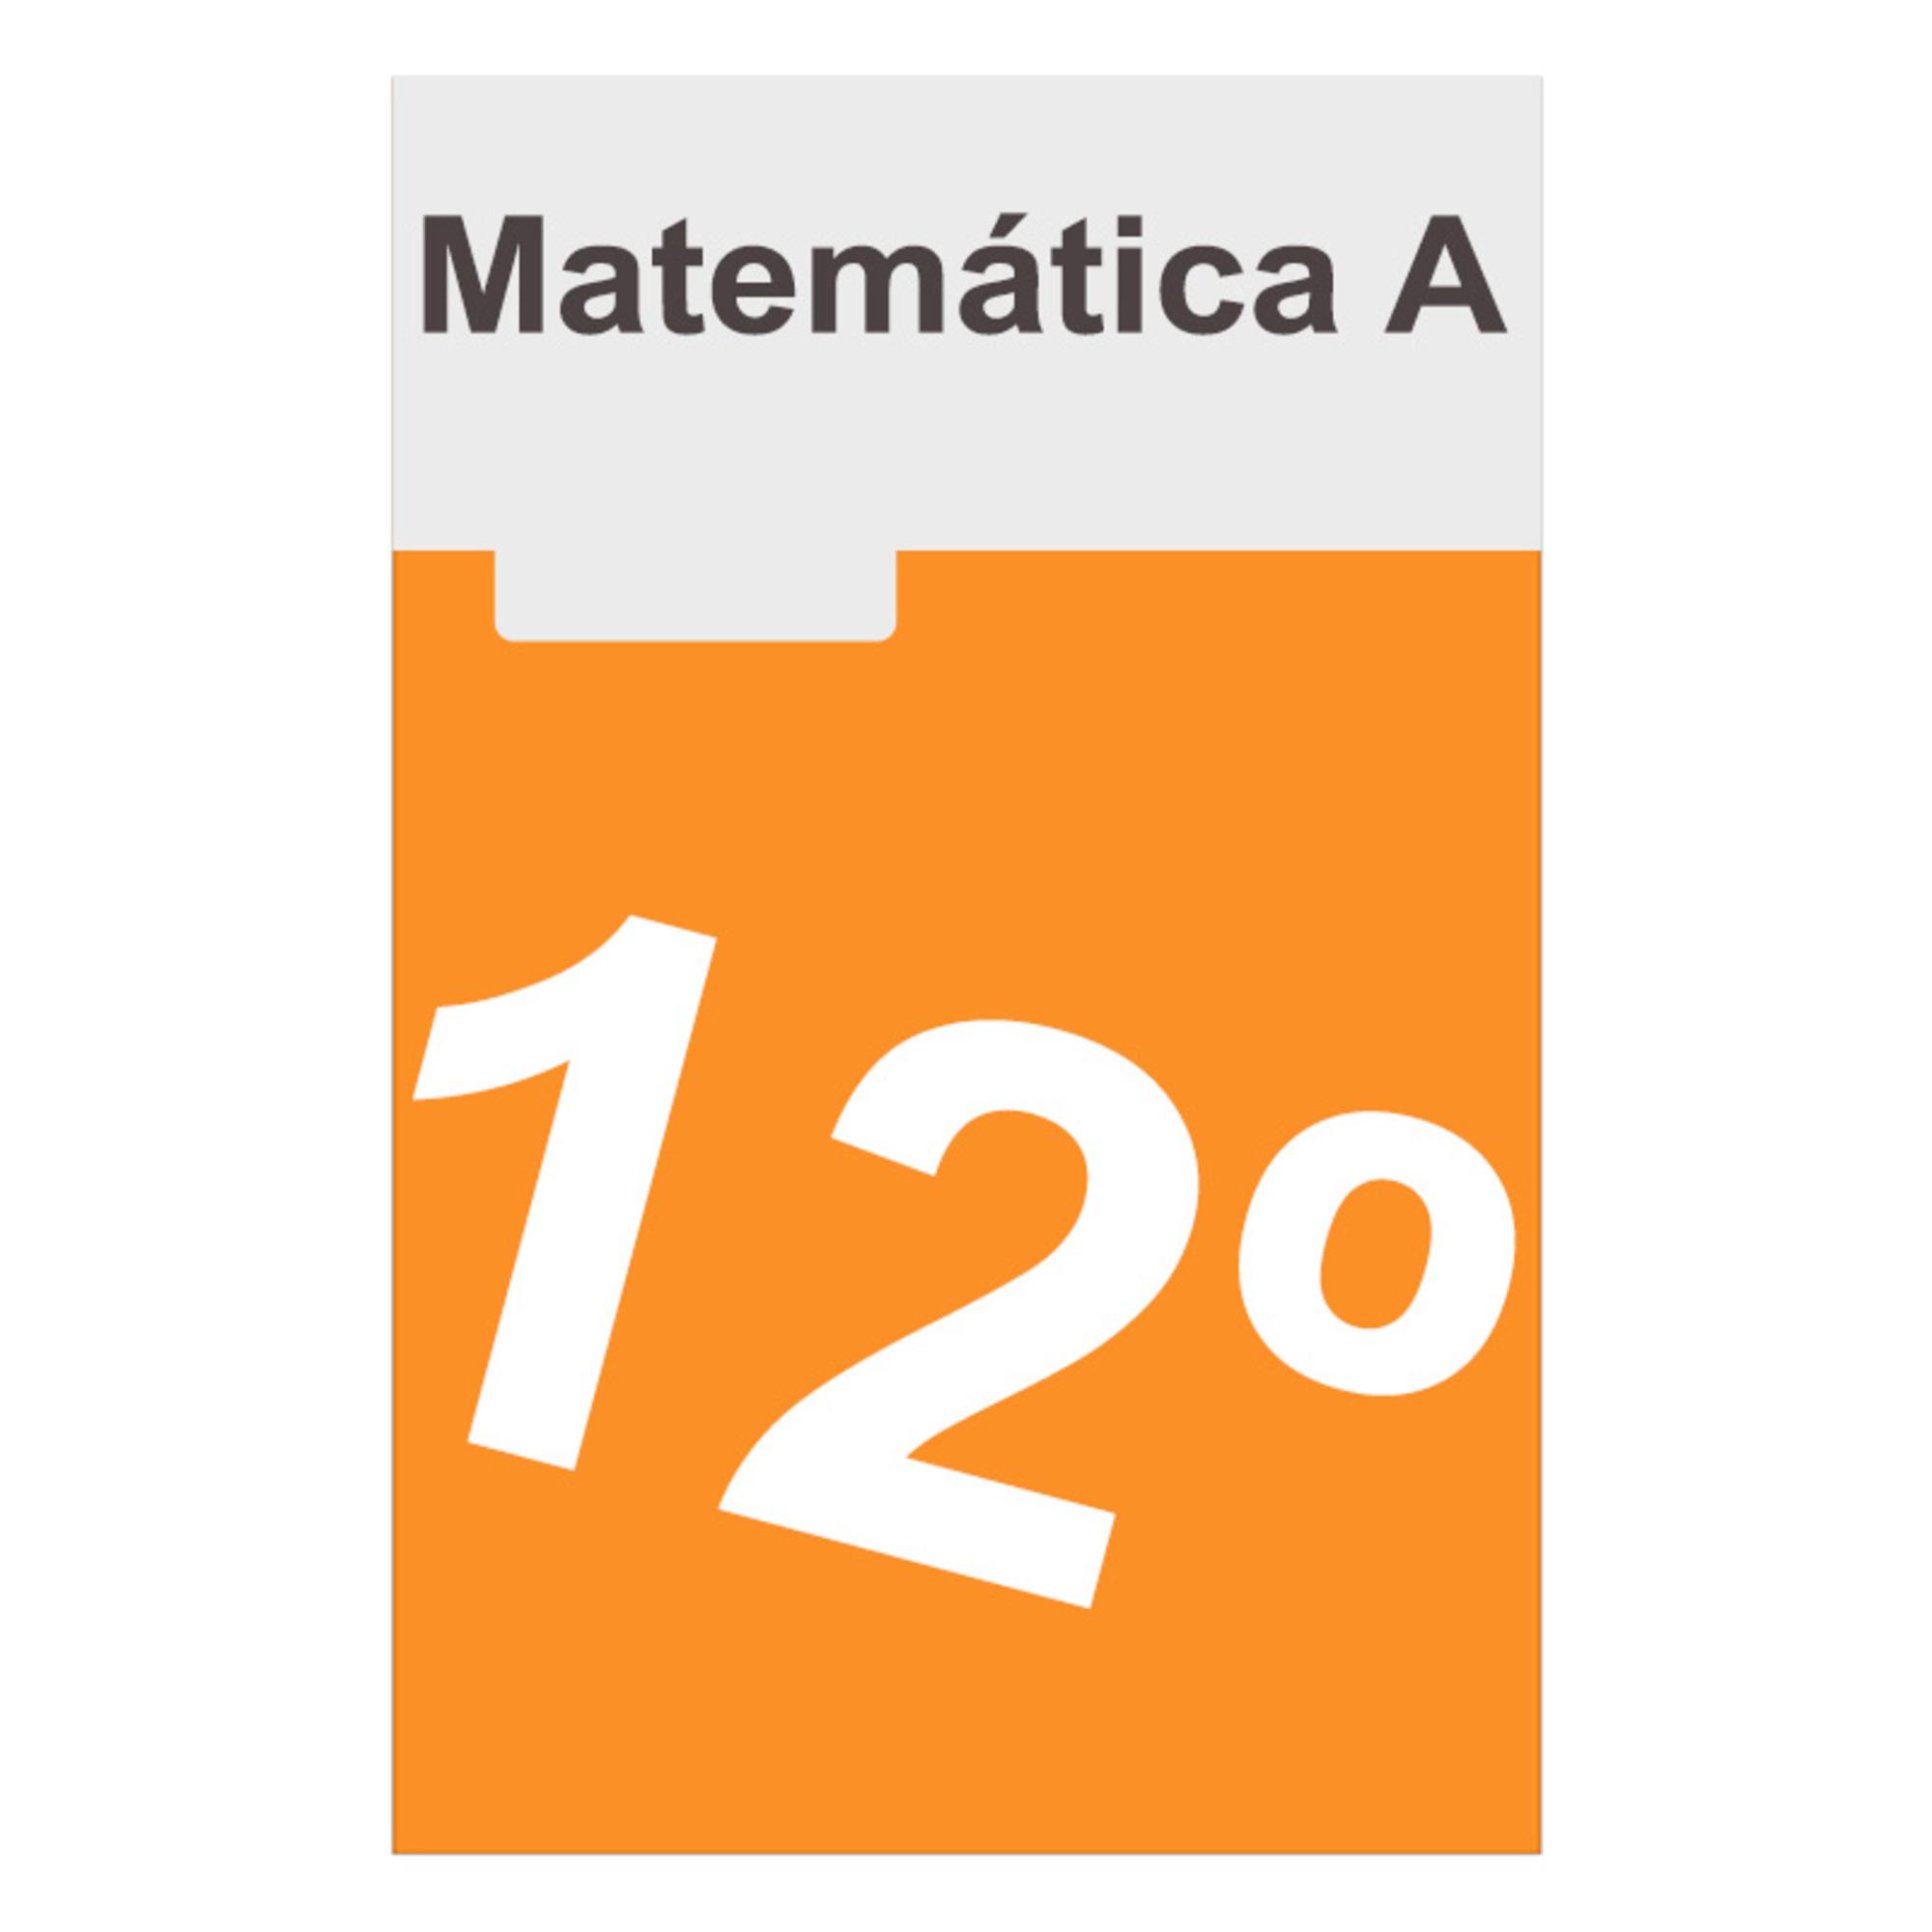 PORTO EDITORA - PORTO EDITORA Manual Novo Espaço (Matemática A; 12º Ano)